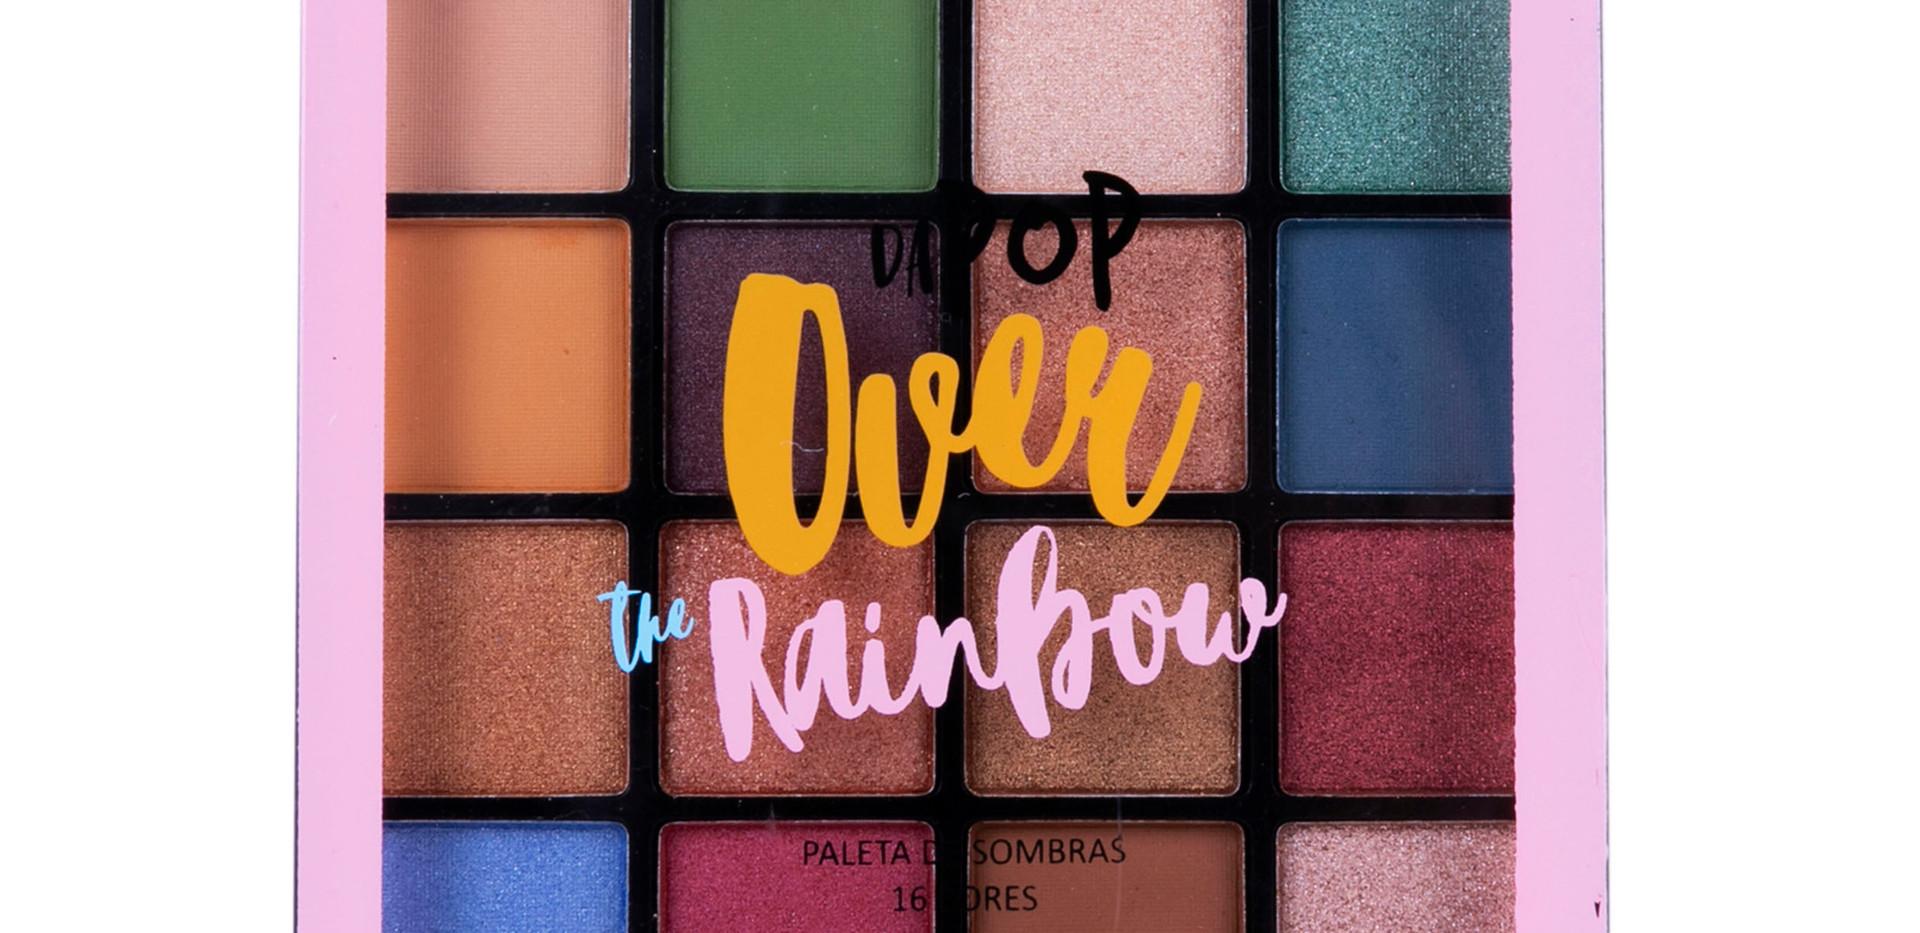 Paleta de Sombras Over the Rainbow Dapop - HB96728